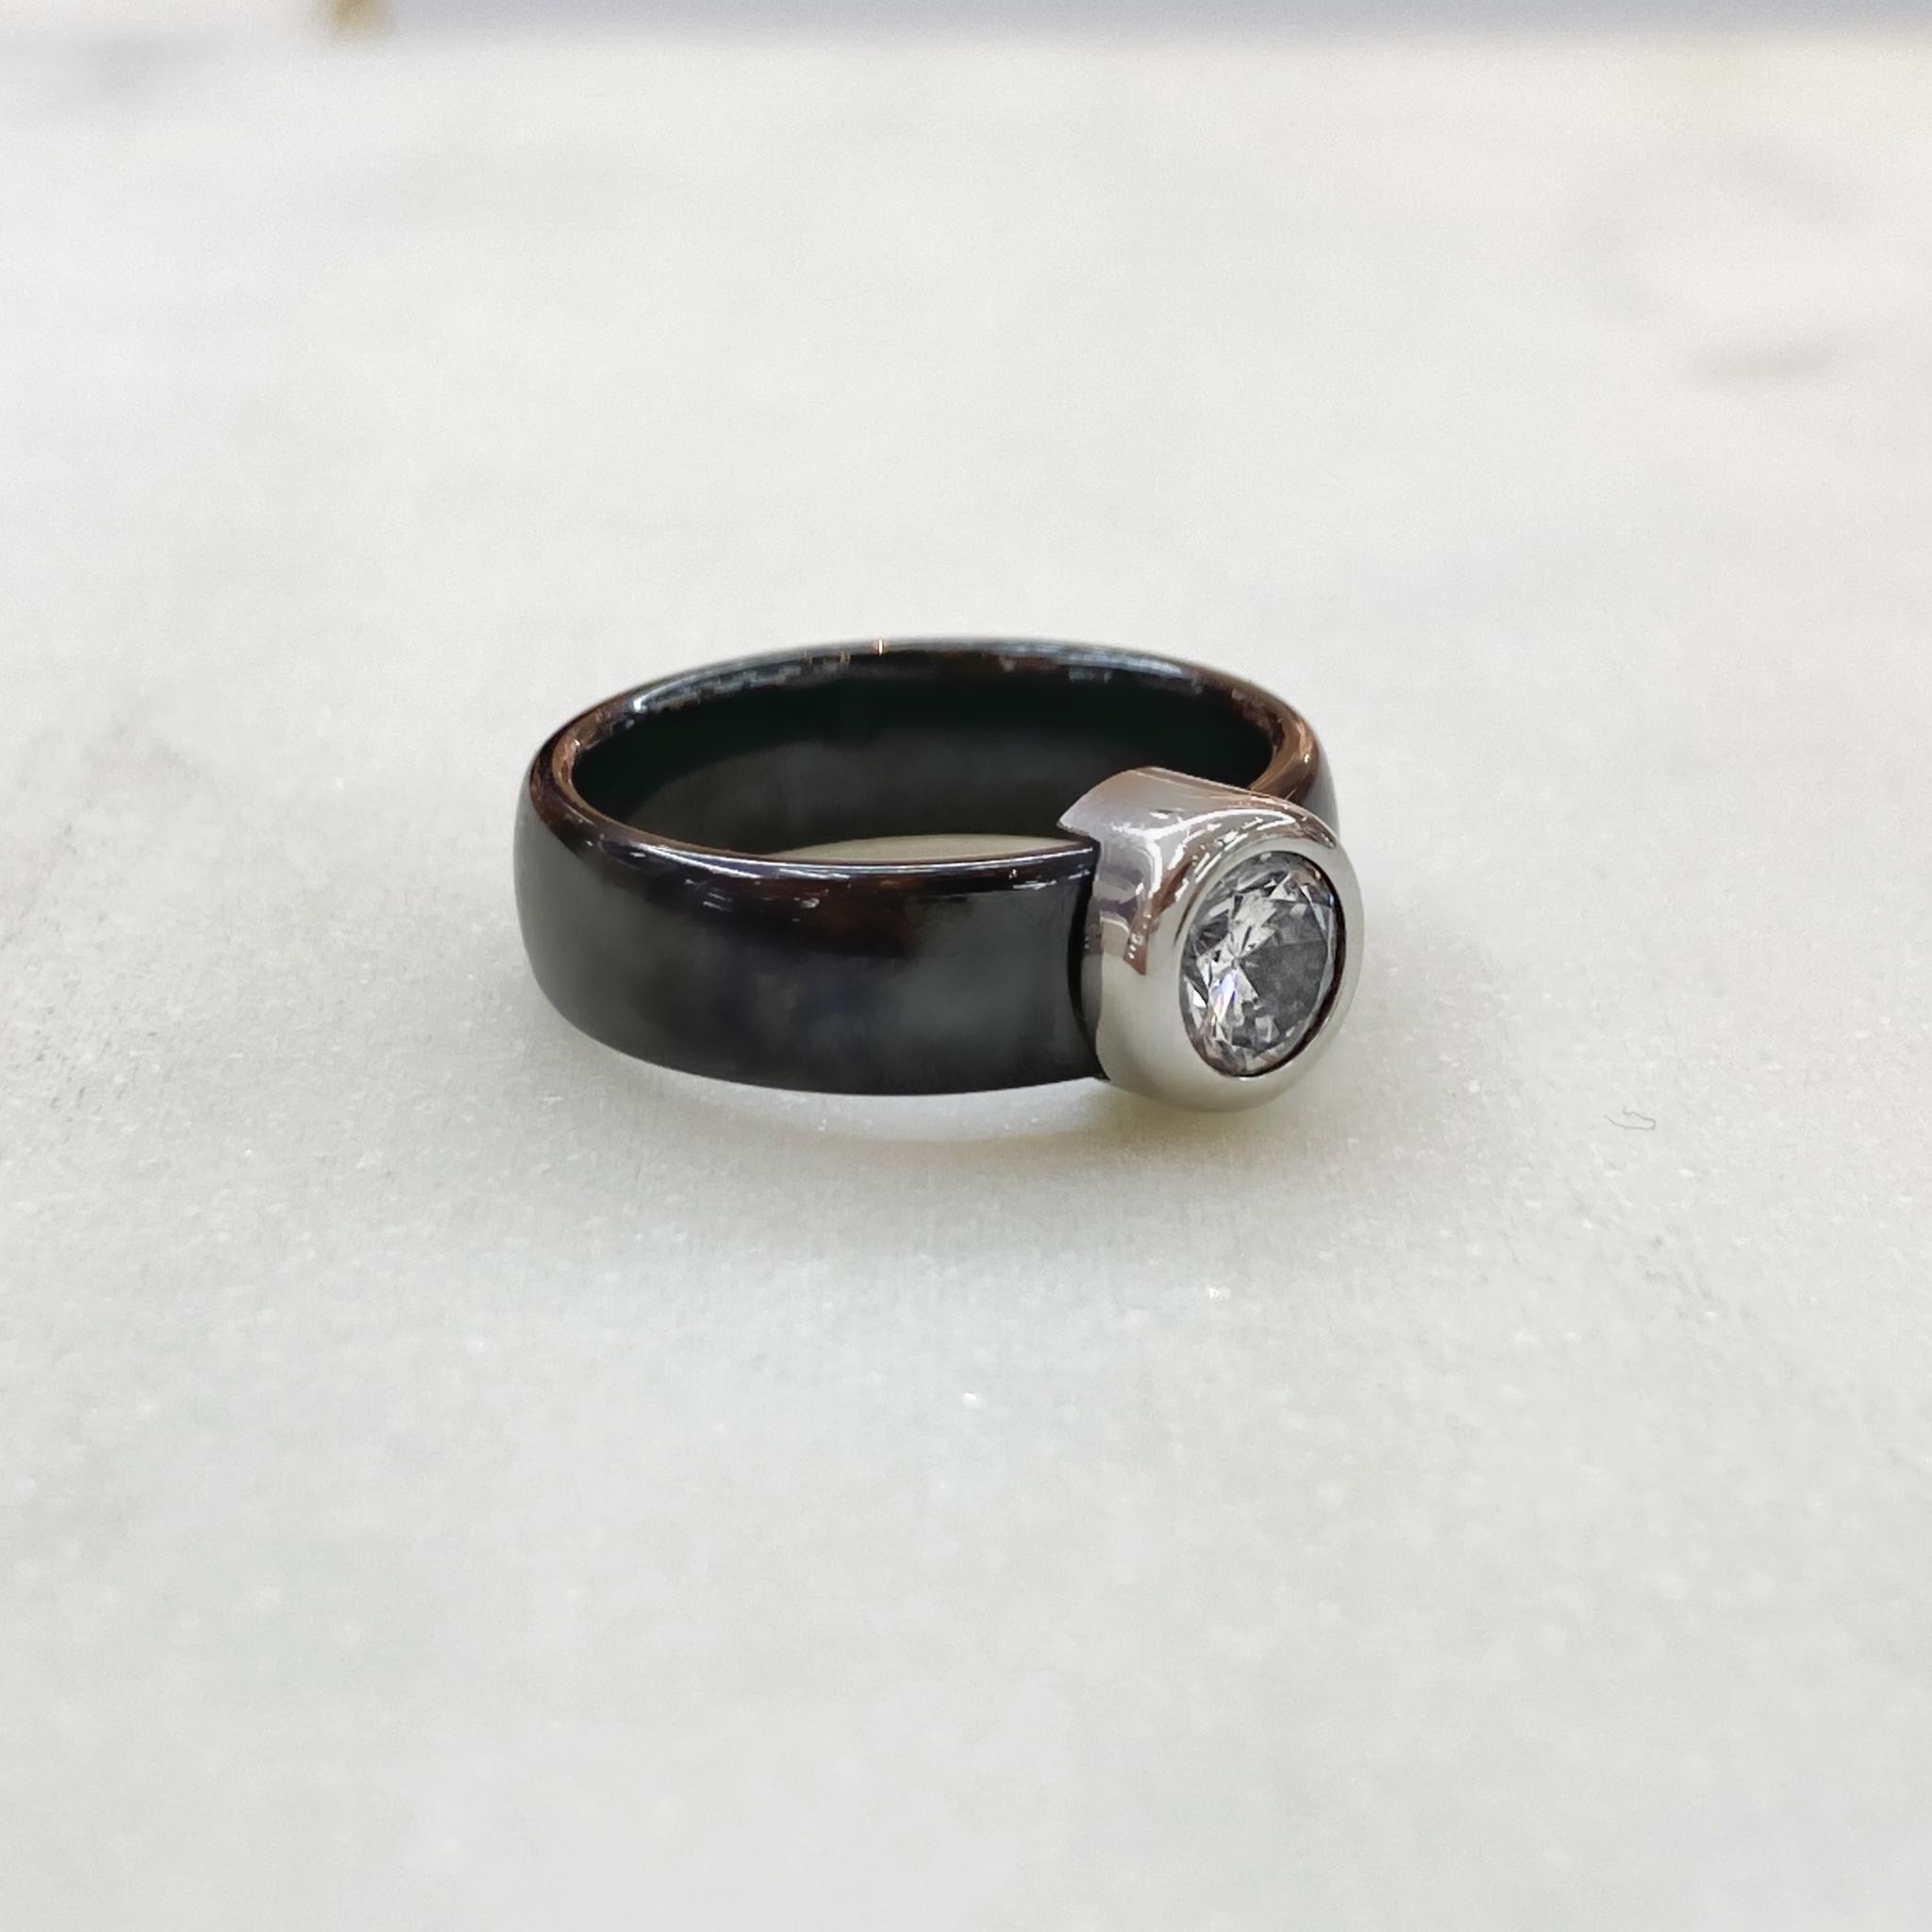 Кольцо Керамика с вставкой-цирконом черный (сталь)